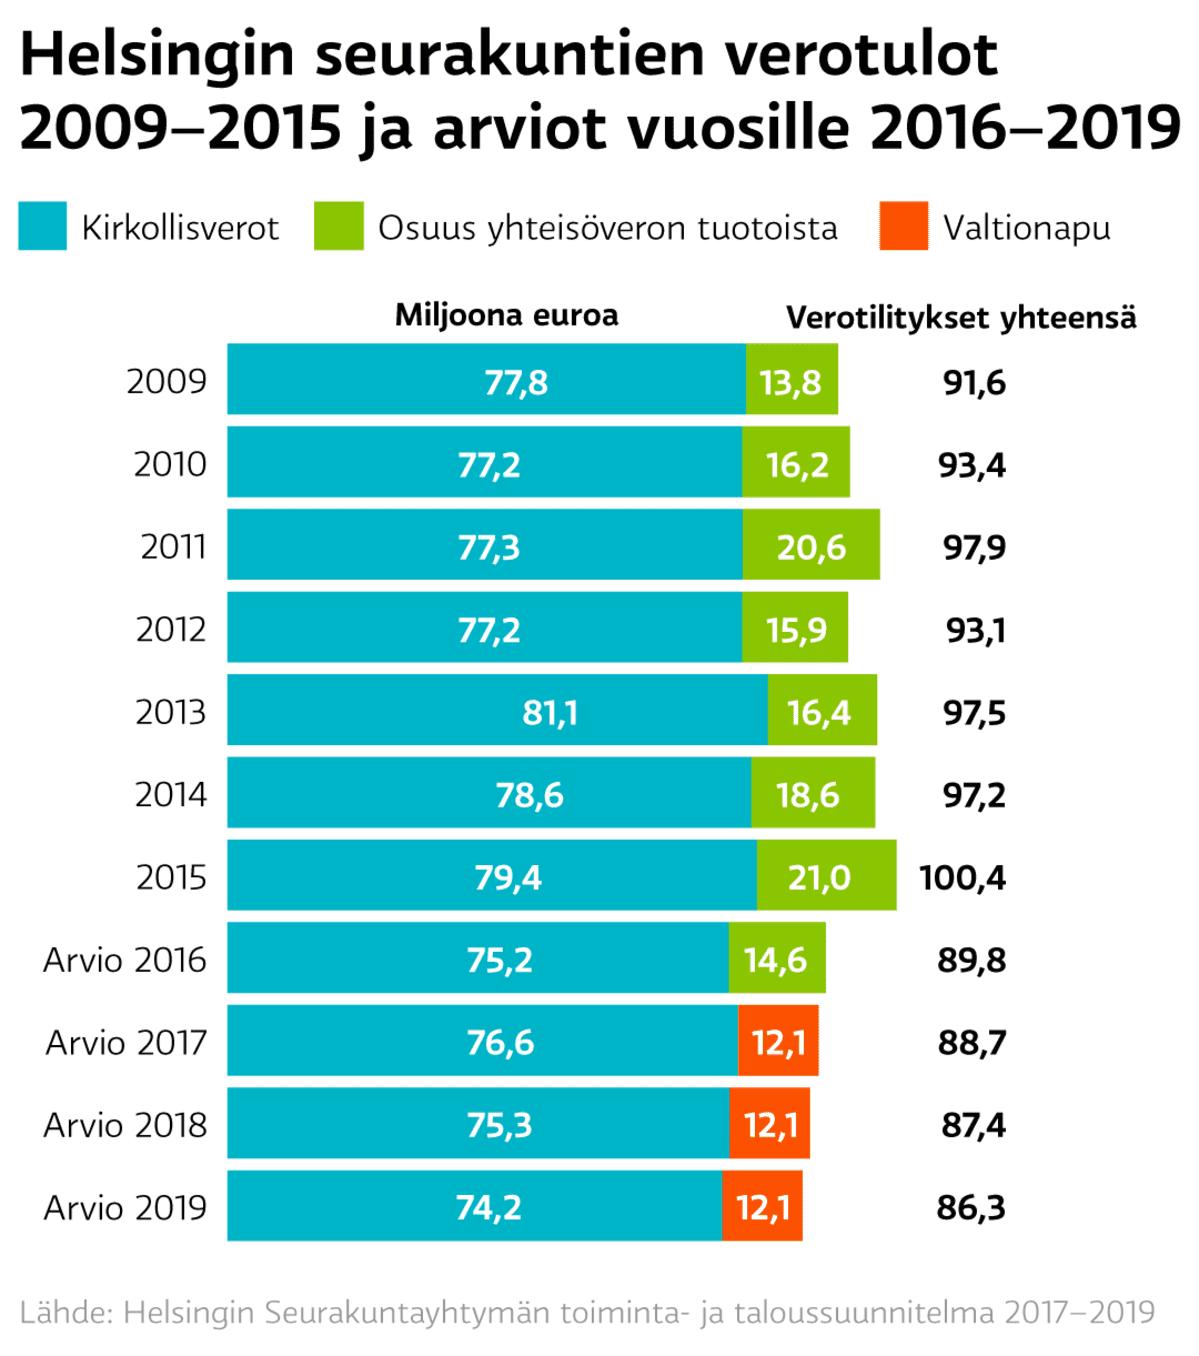 Helsingin seurakuntien verotulot vuosina 2009–2015 ja arviot vuosille 2016–2019.